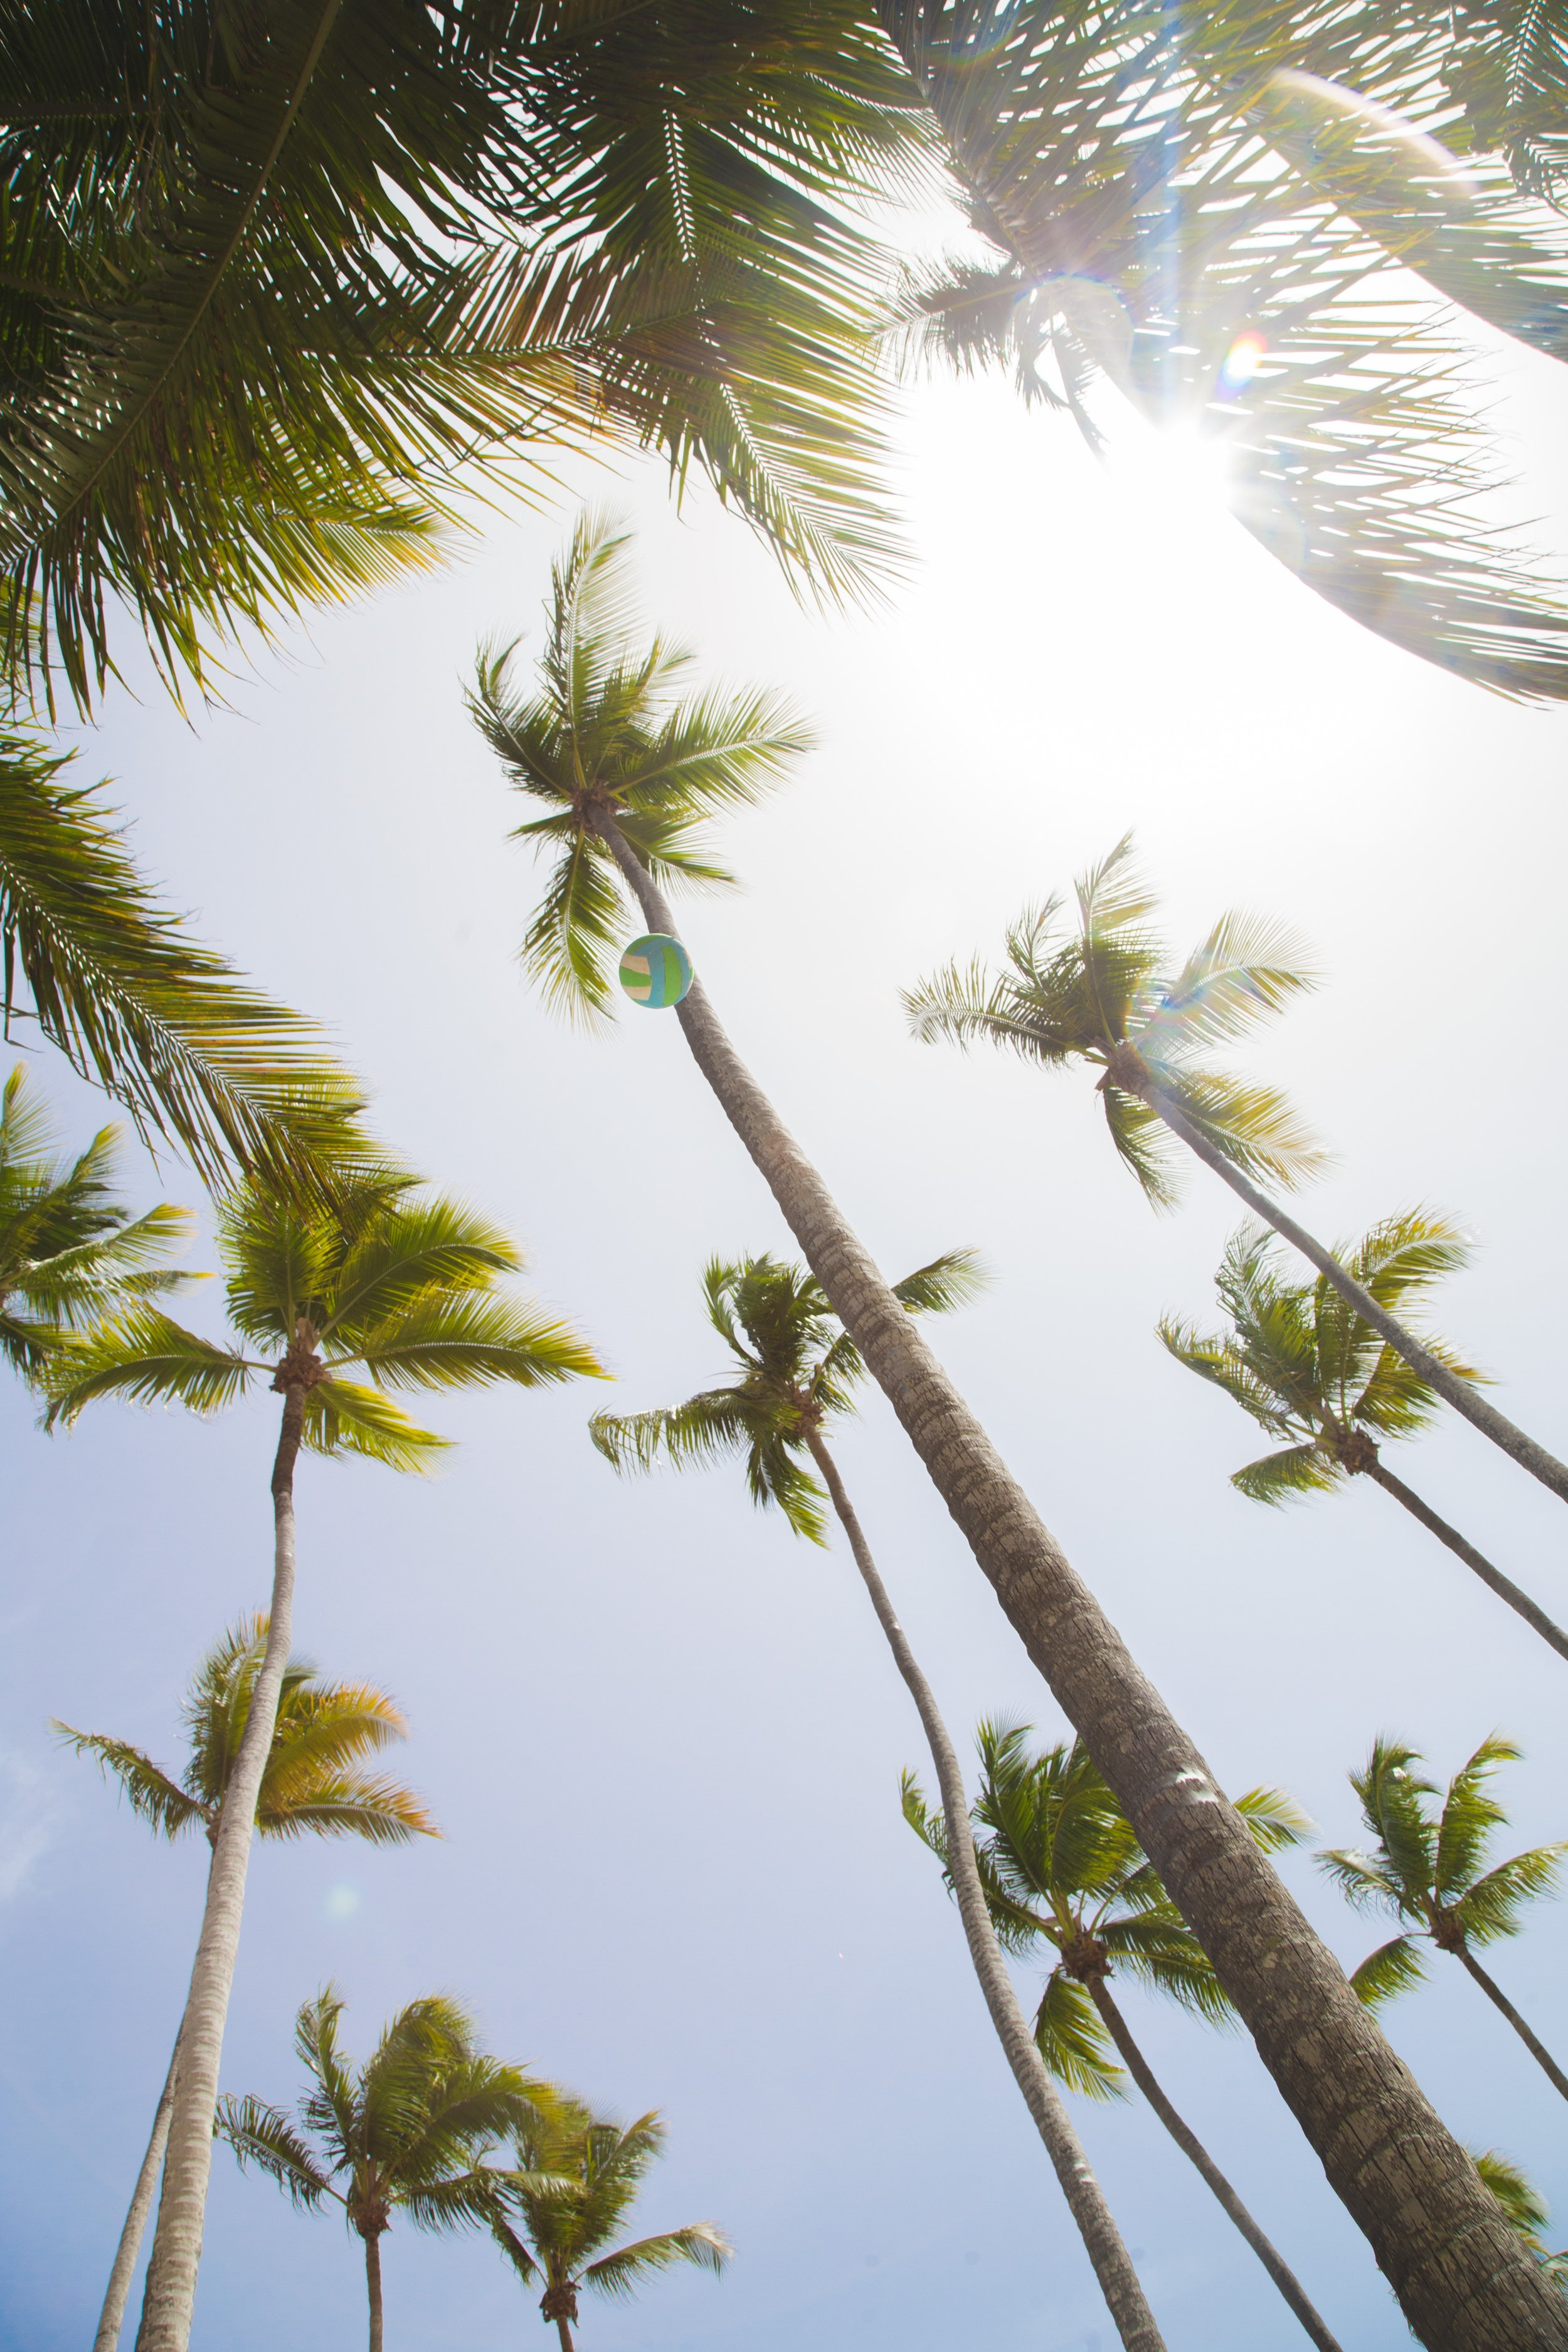 palmiers angle bas.jpg